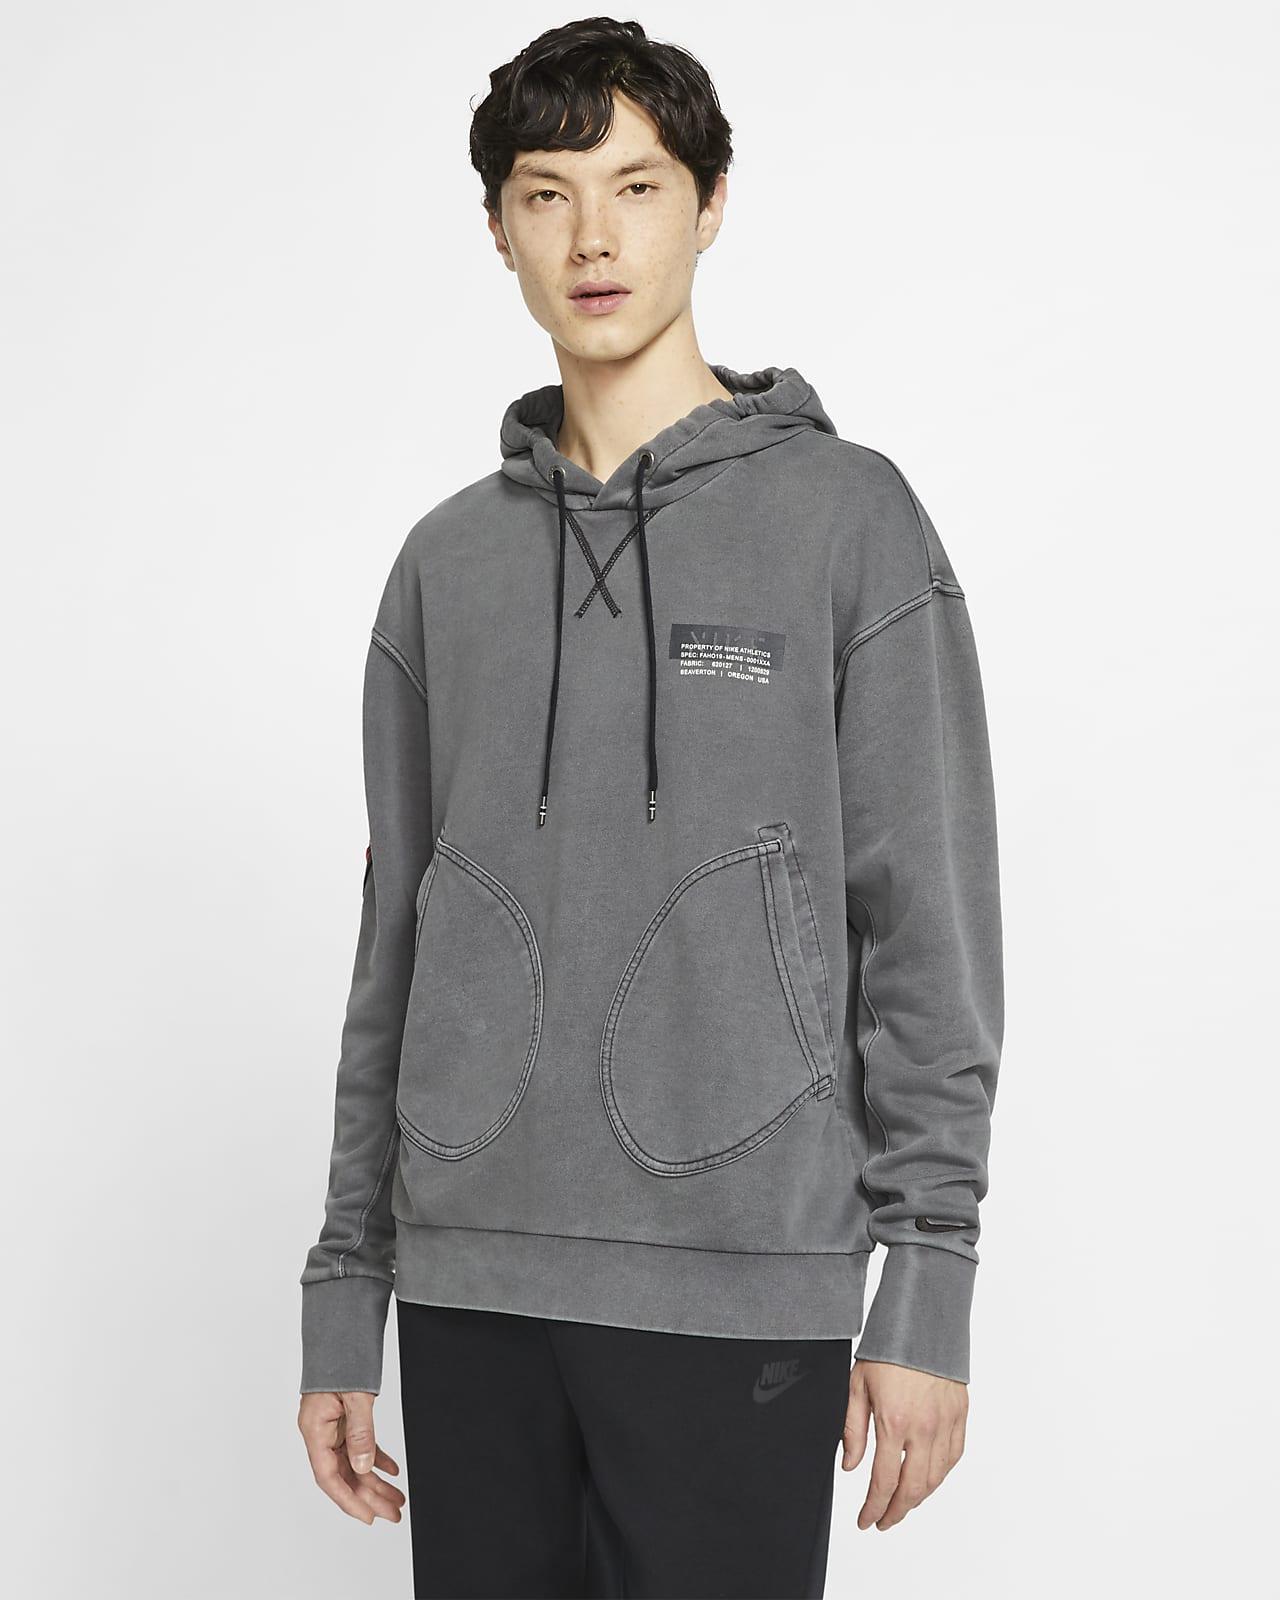 Nike Sportswear Men's Hoodie